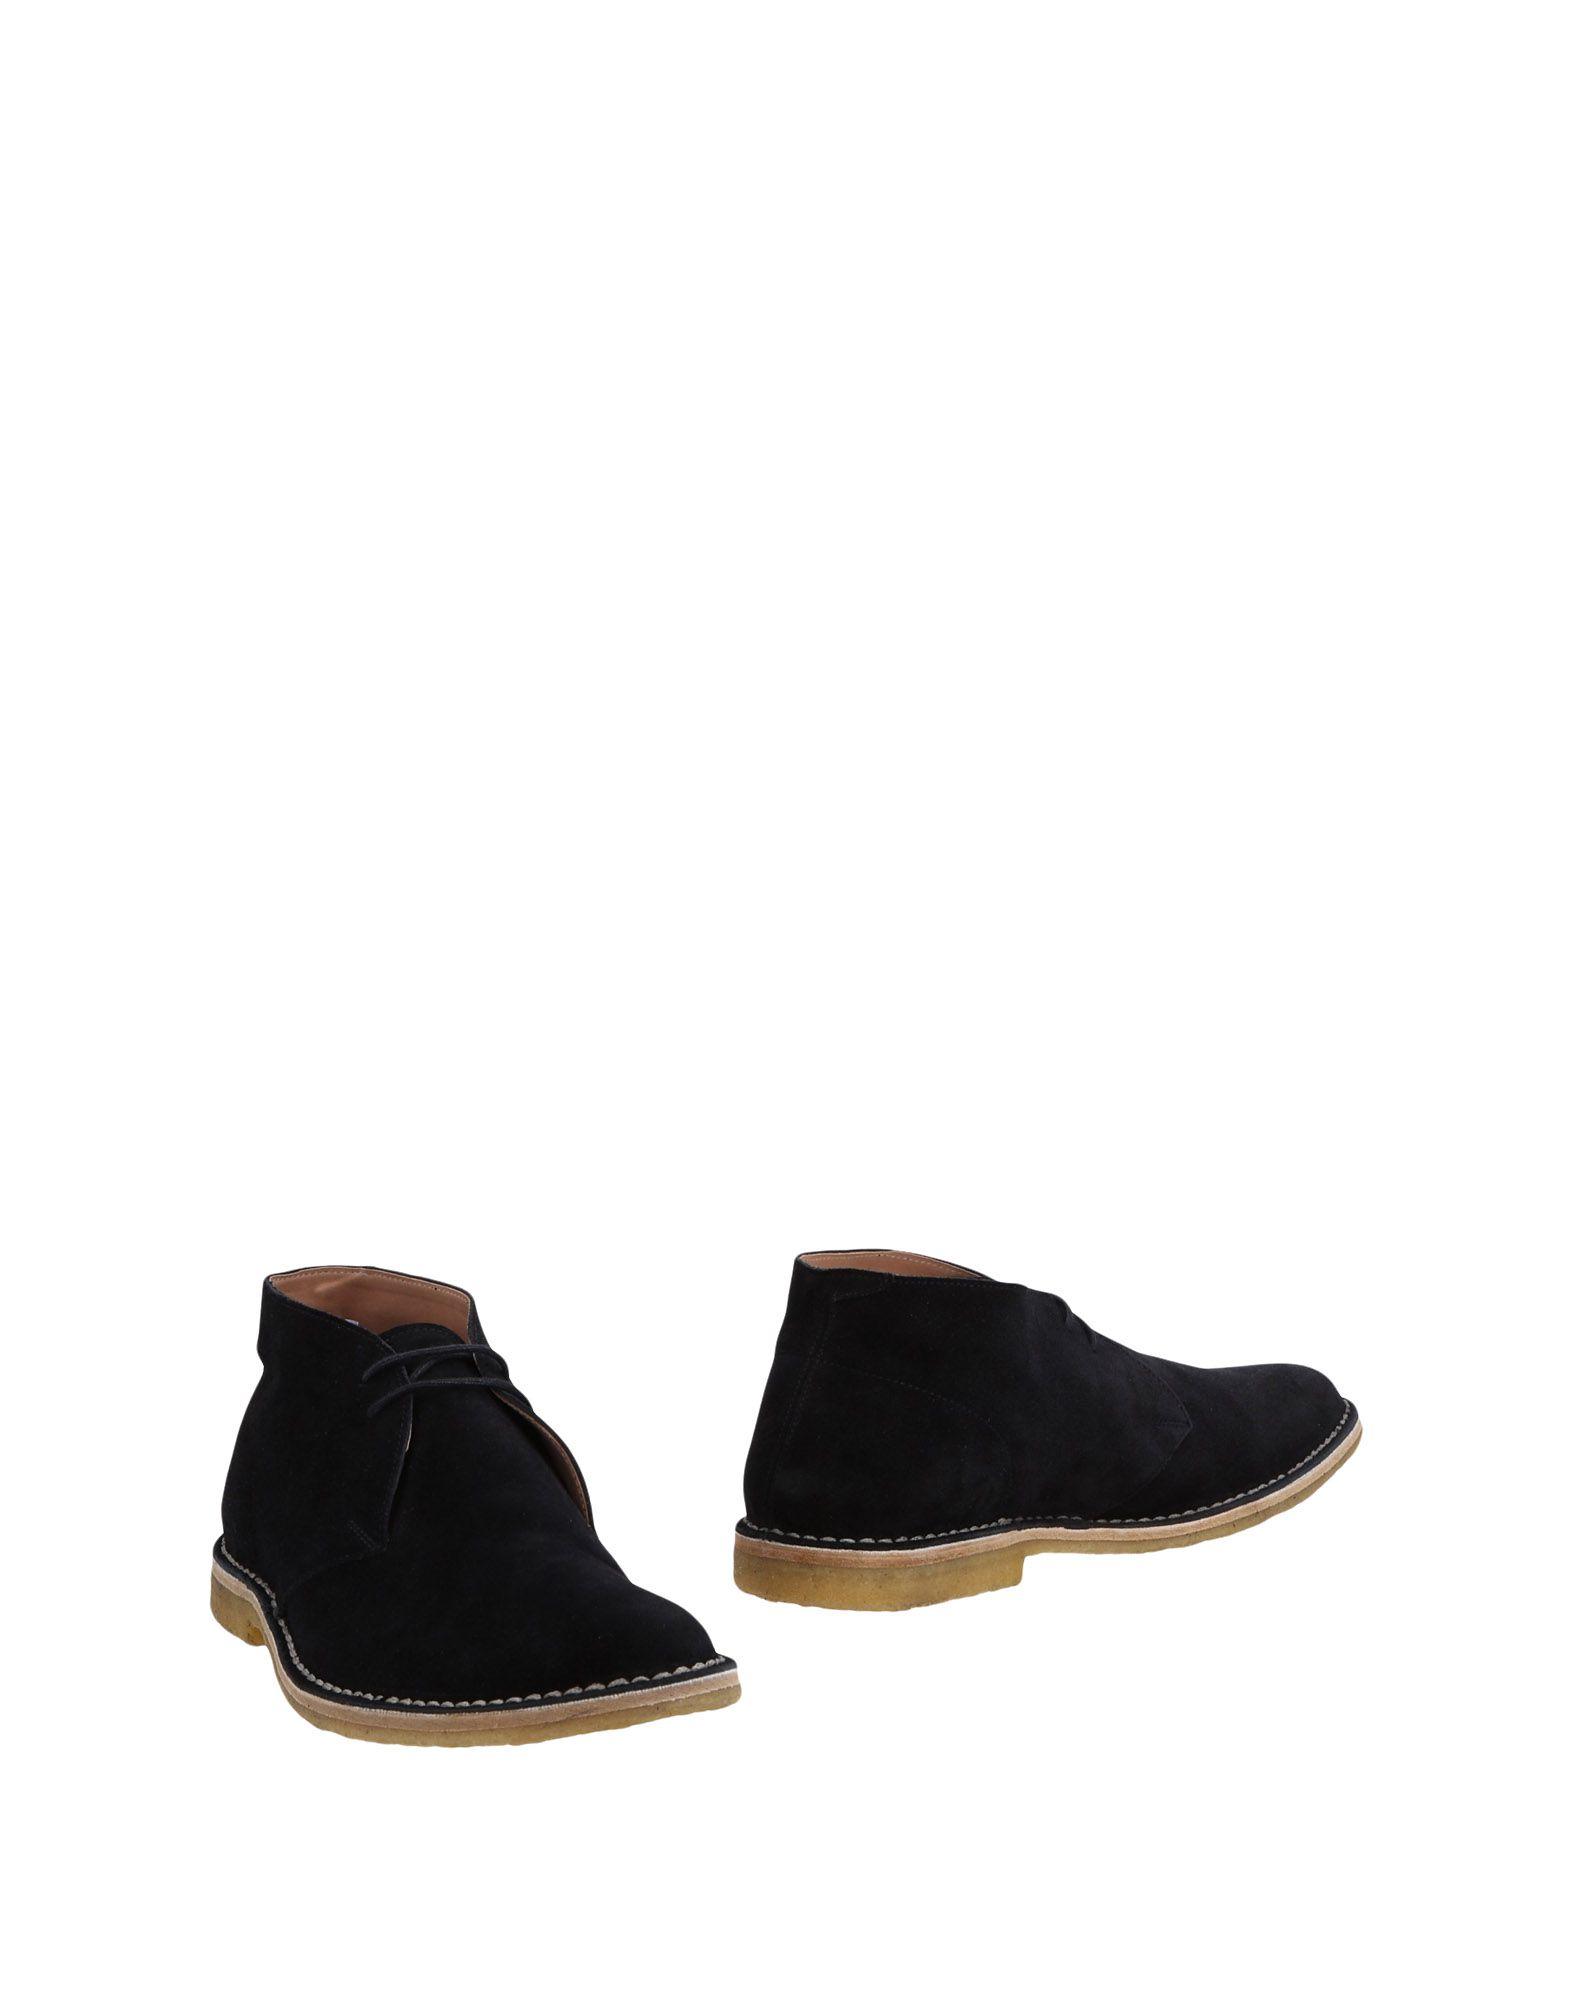 Dries Van Noten Stiefelette Herren  11480723ID Gute Qualität beliebte Schuhe